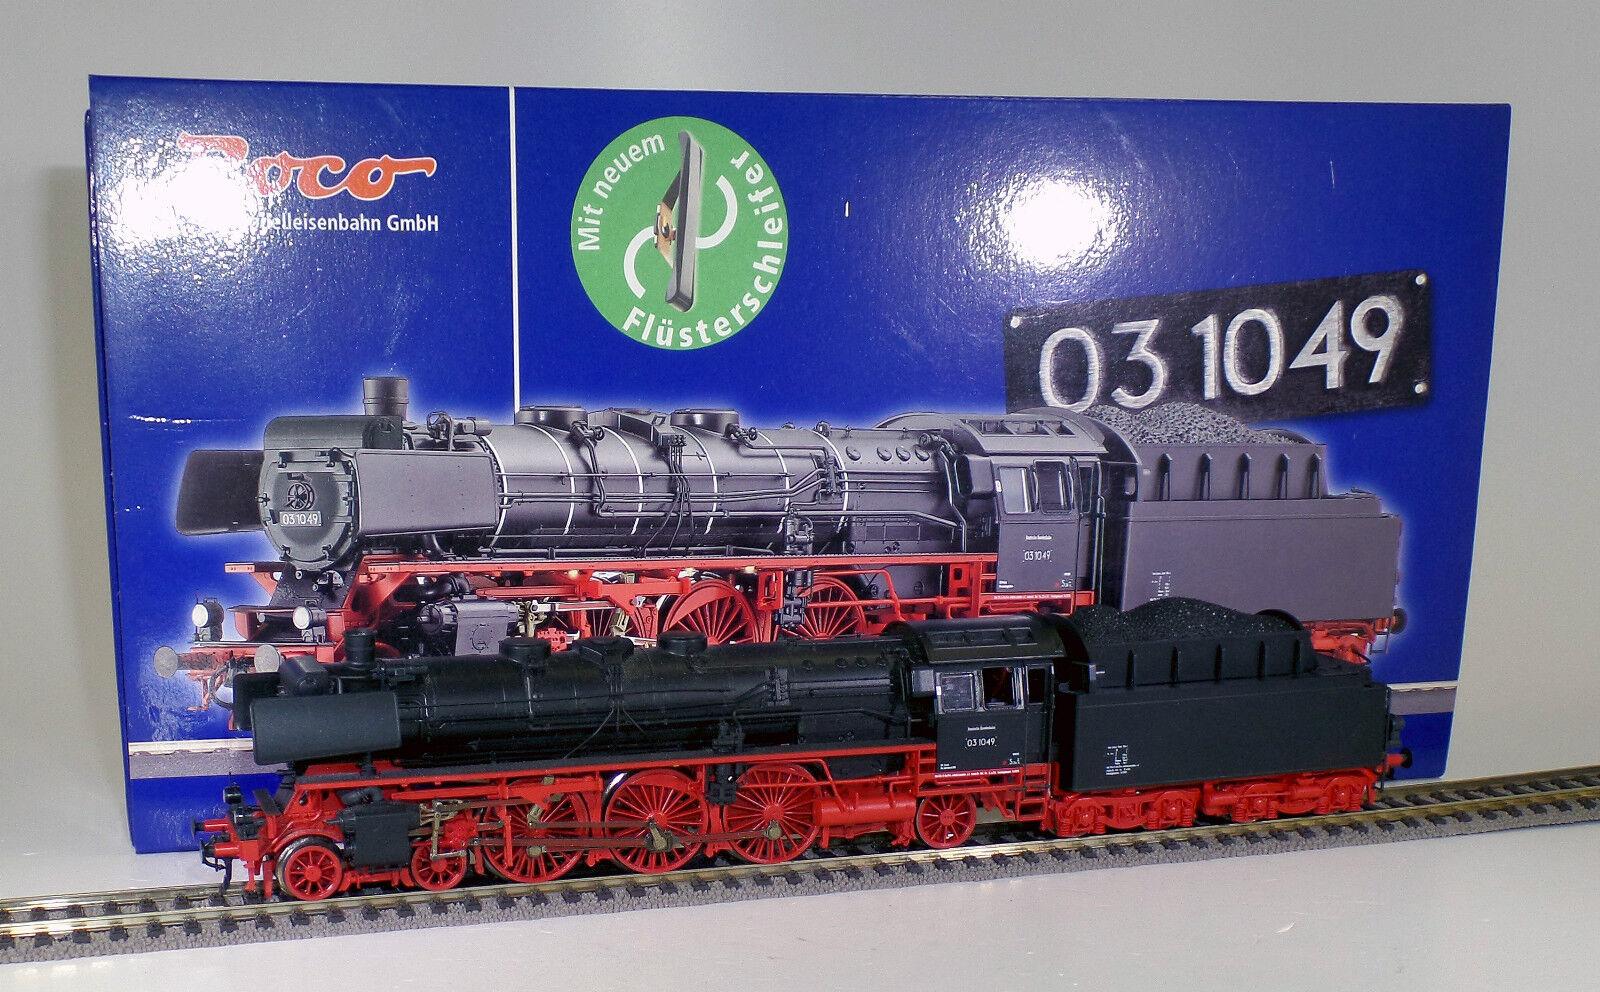 Roco h0 69284, máquina de vapor de la DB, br 03.10, Lok 03-1049, digital (w571)